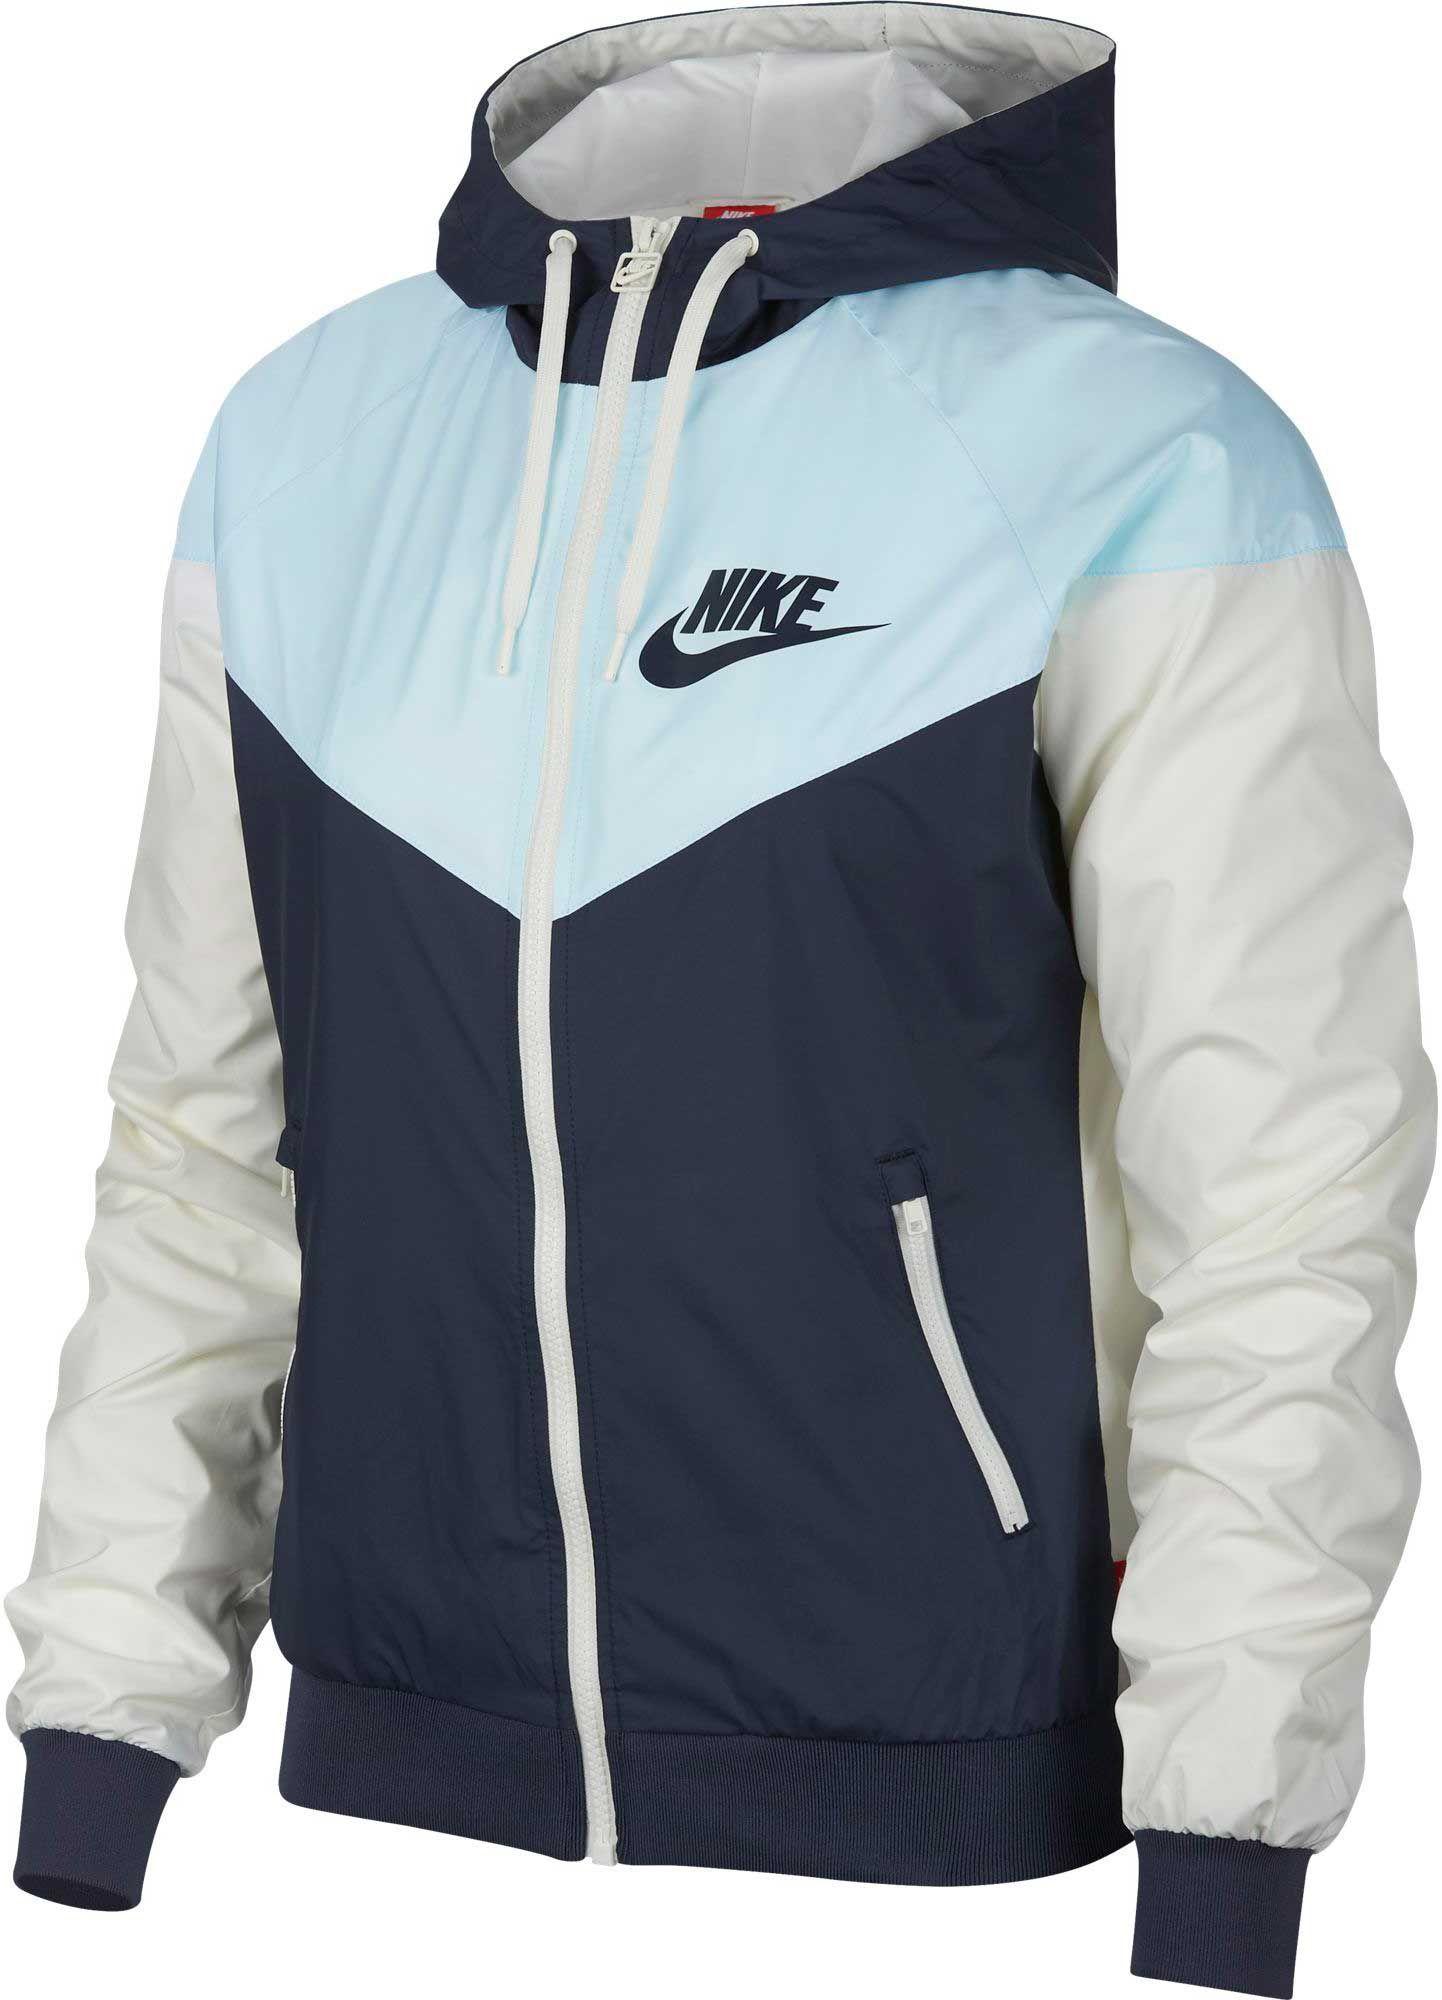 d15504116 Nike Women's Sportswear Original Windrunner Jacket, Blue | Products ...